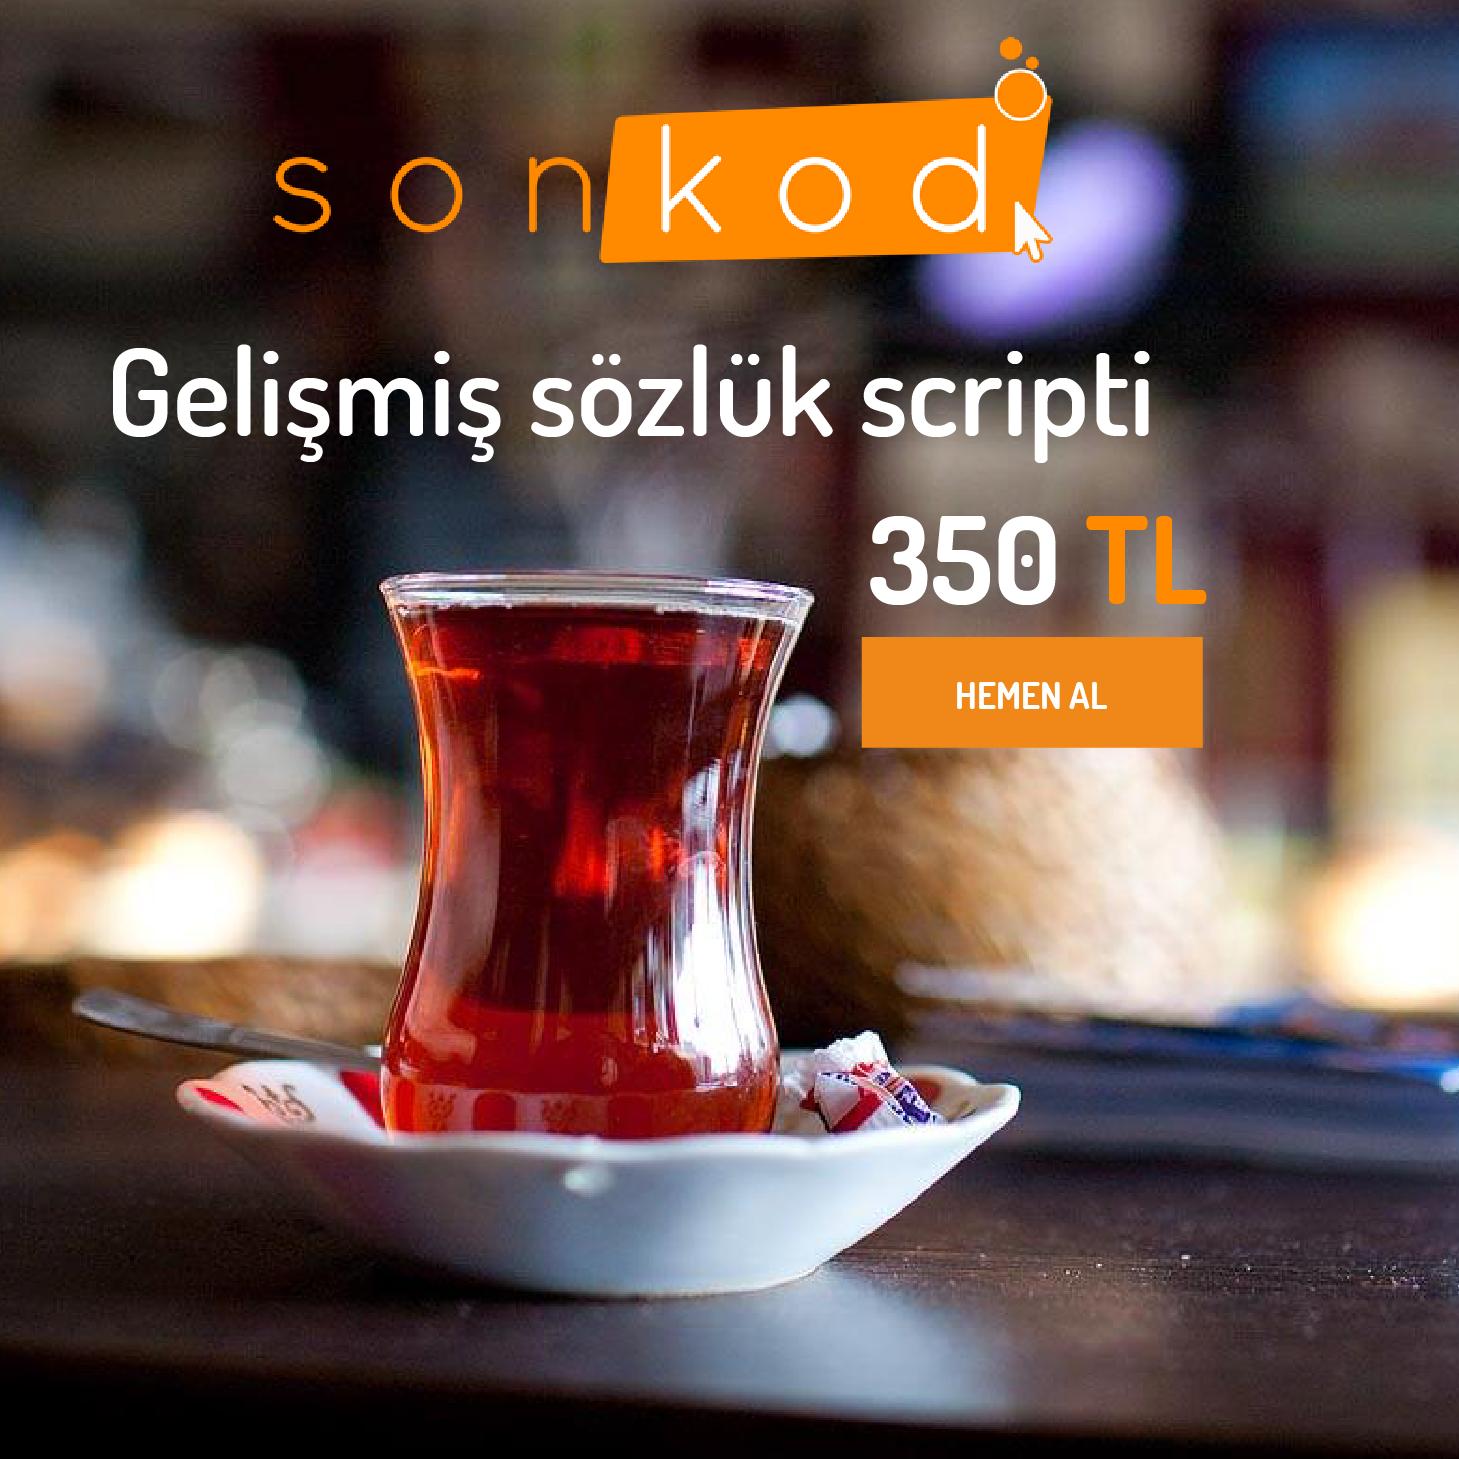 sonkod